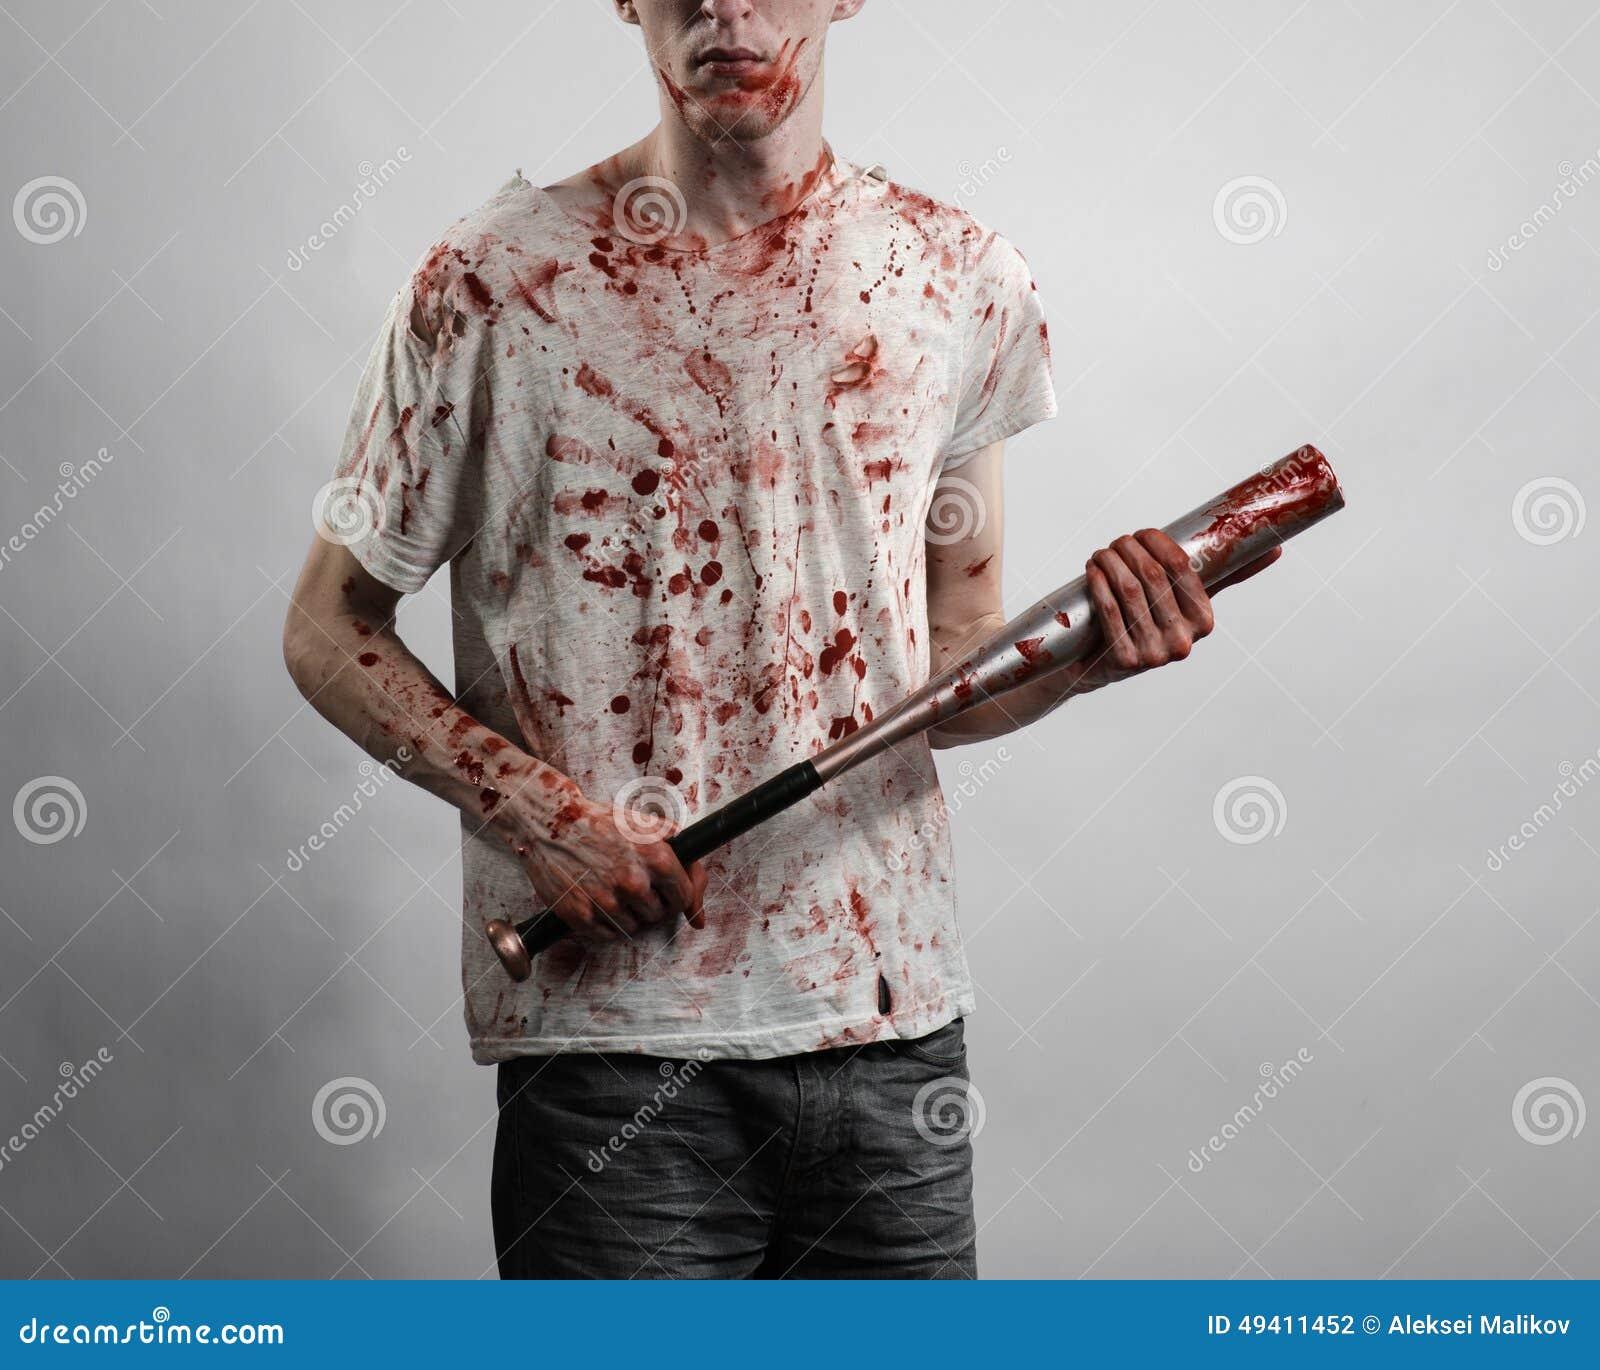 Download Blutiges Thema: Der Kerl In Einem Blutigen T-Shirt, Das Einen Blutigen Schläger Auf Einem Weißen Hintergrund Hält Stockfoto - Bild von kaukasisch, angriff: 49411452